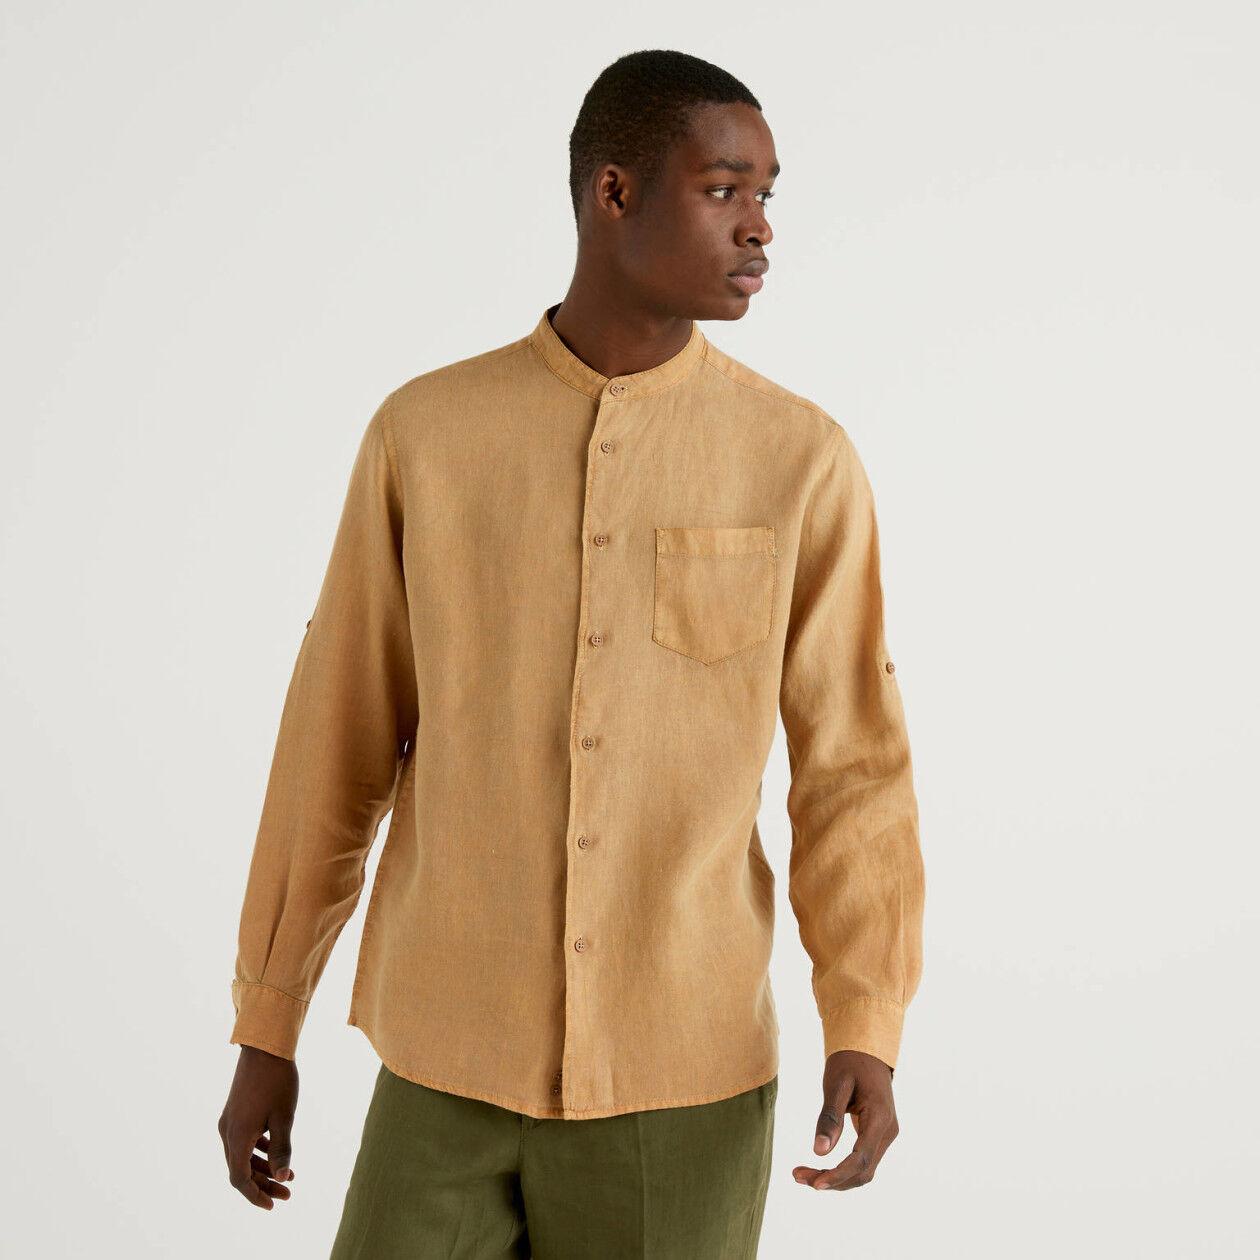 Camisa gola coreana 100% linho